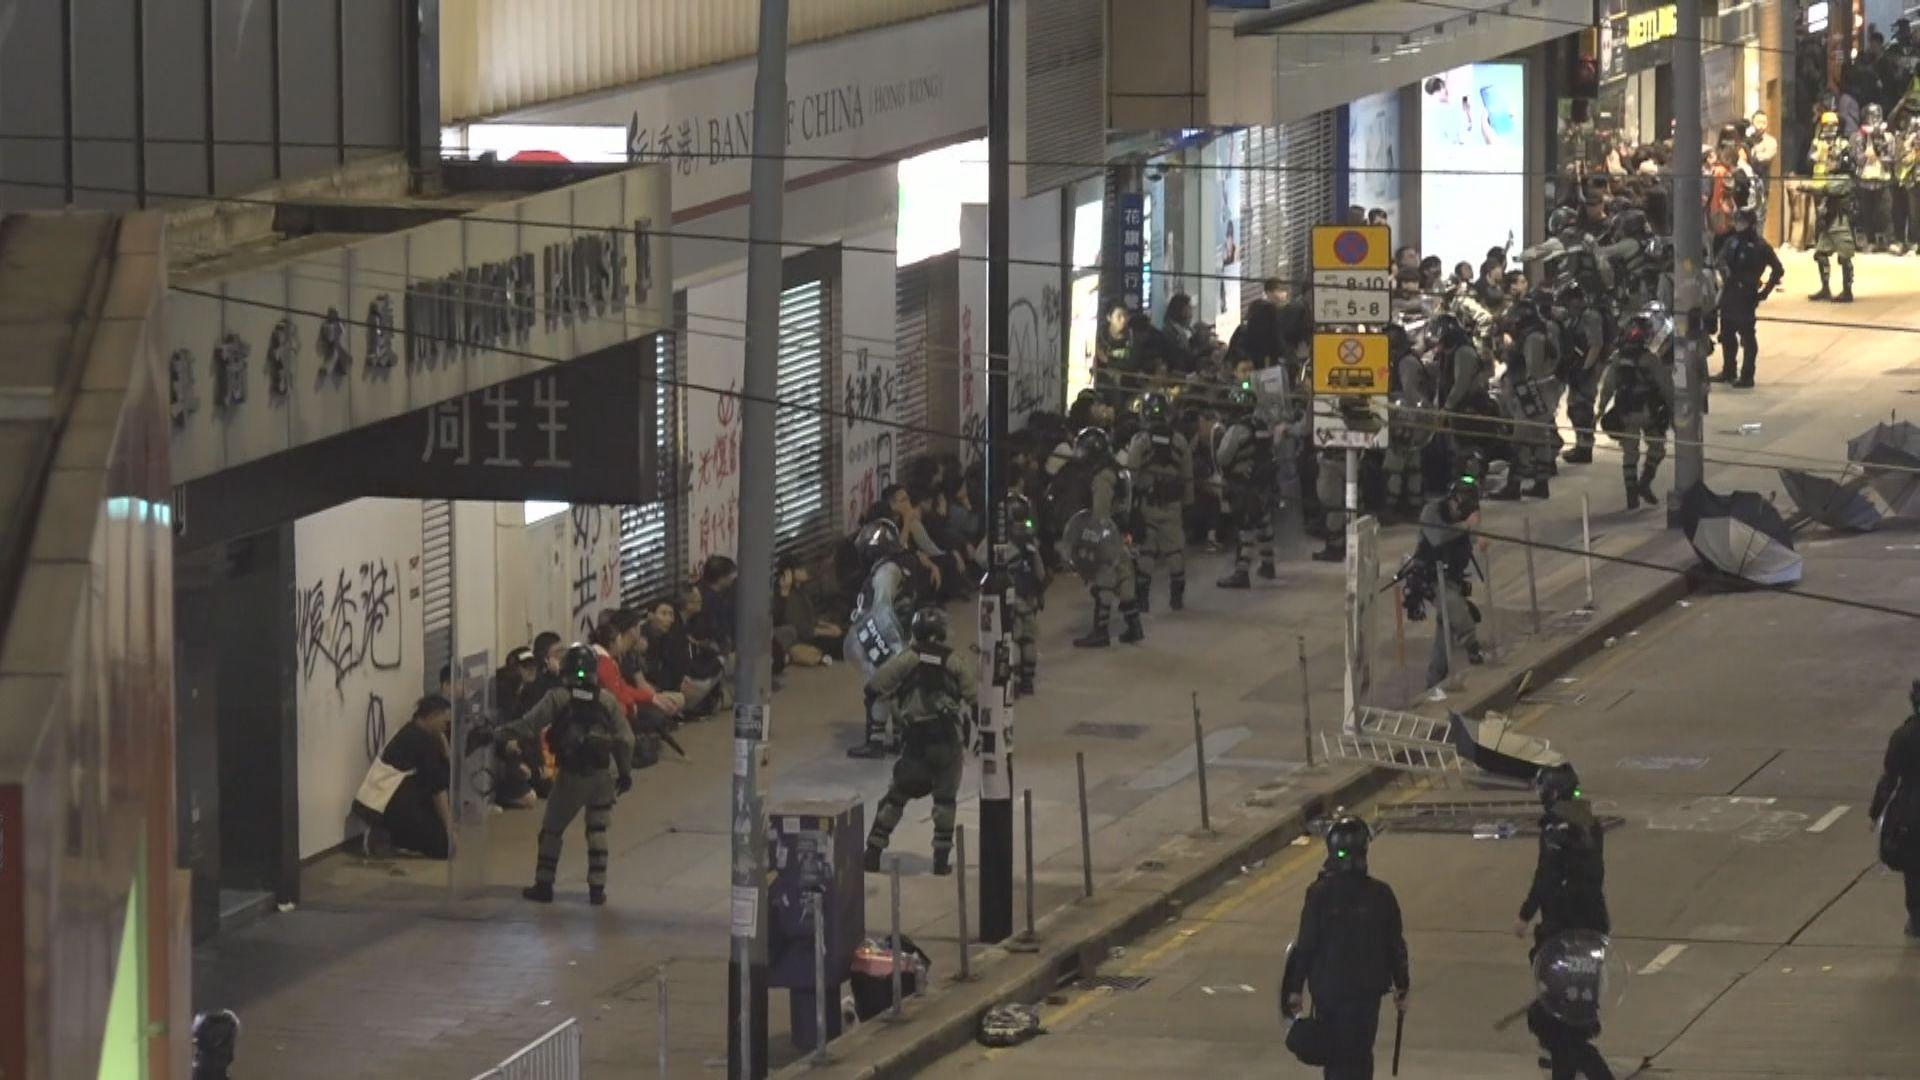 大批示威者縱火破壞商店 消息指銅鑼灣逾四百人被捕